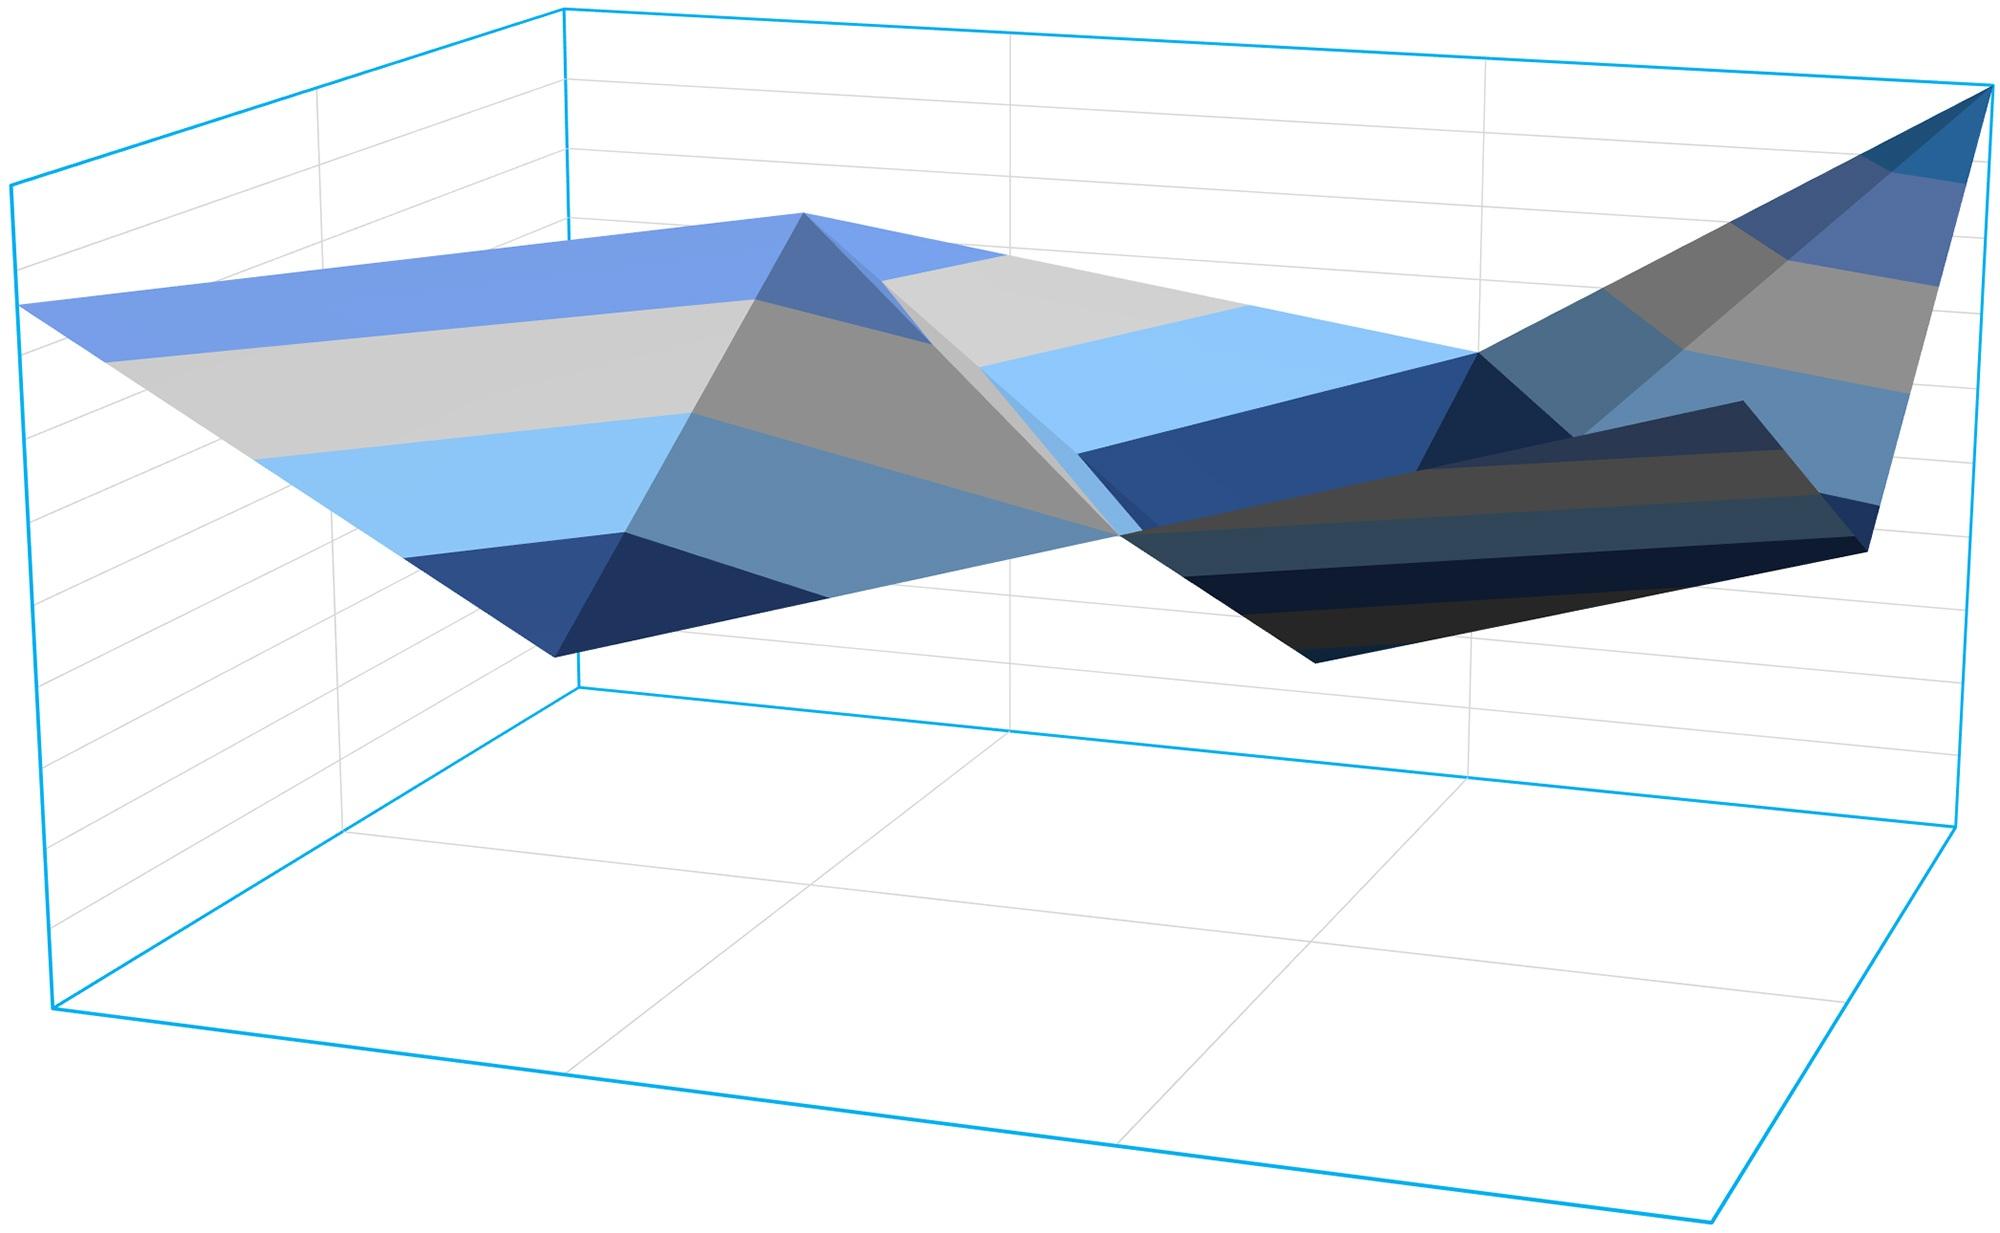 analisis datos 2.jpg